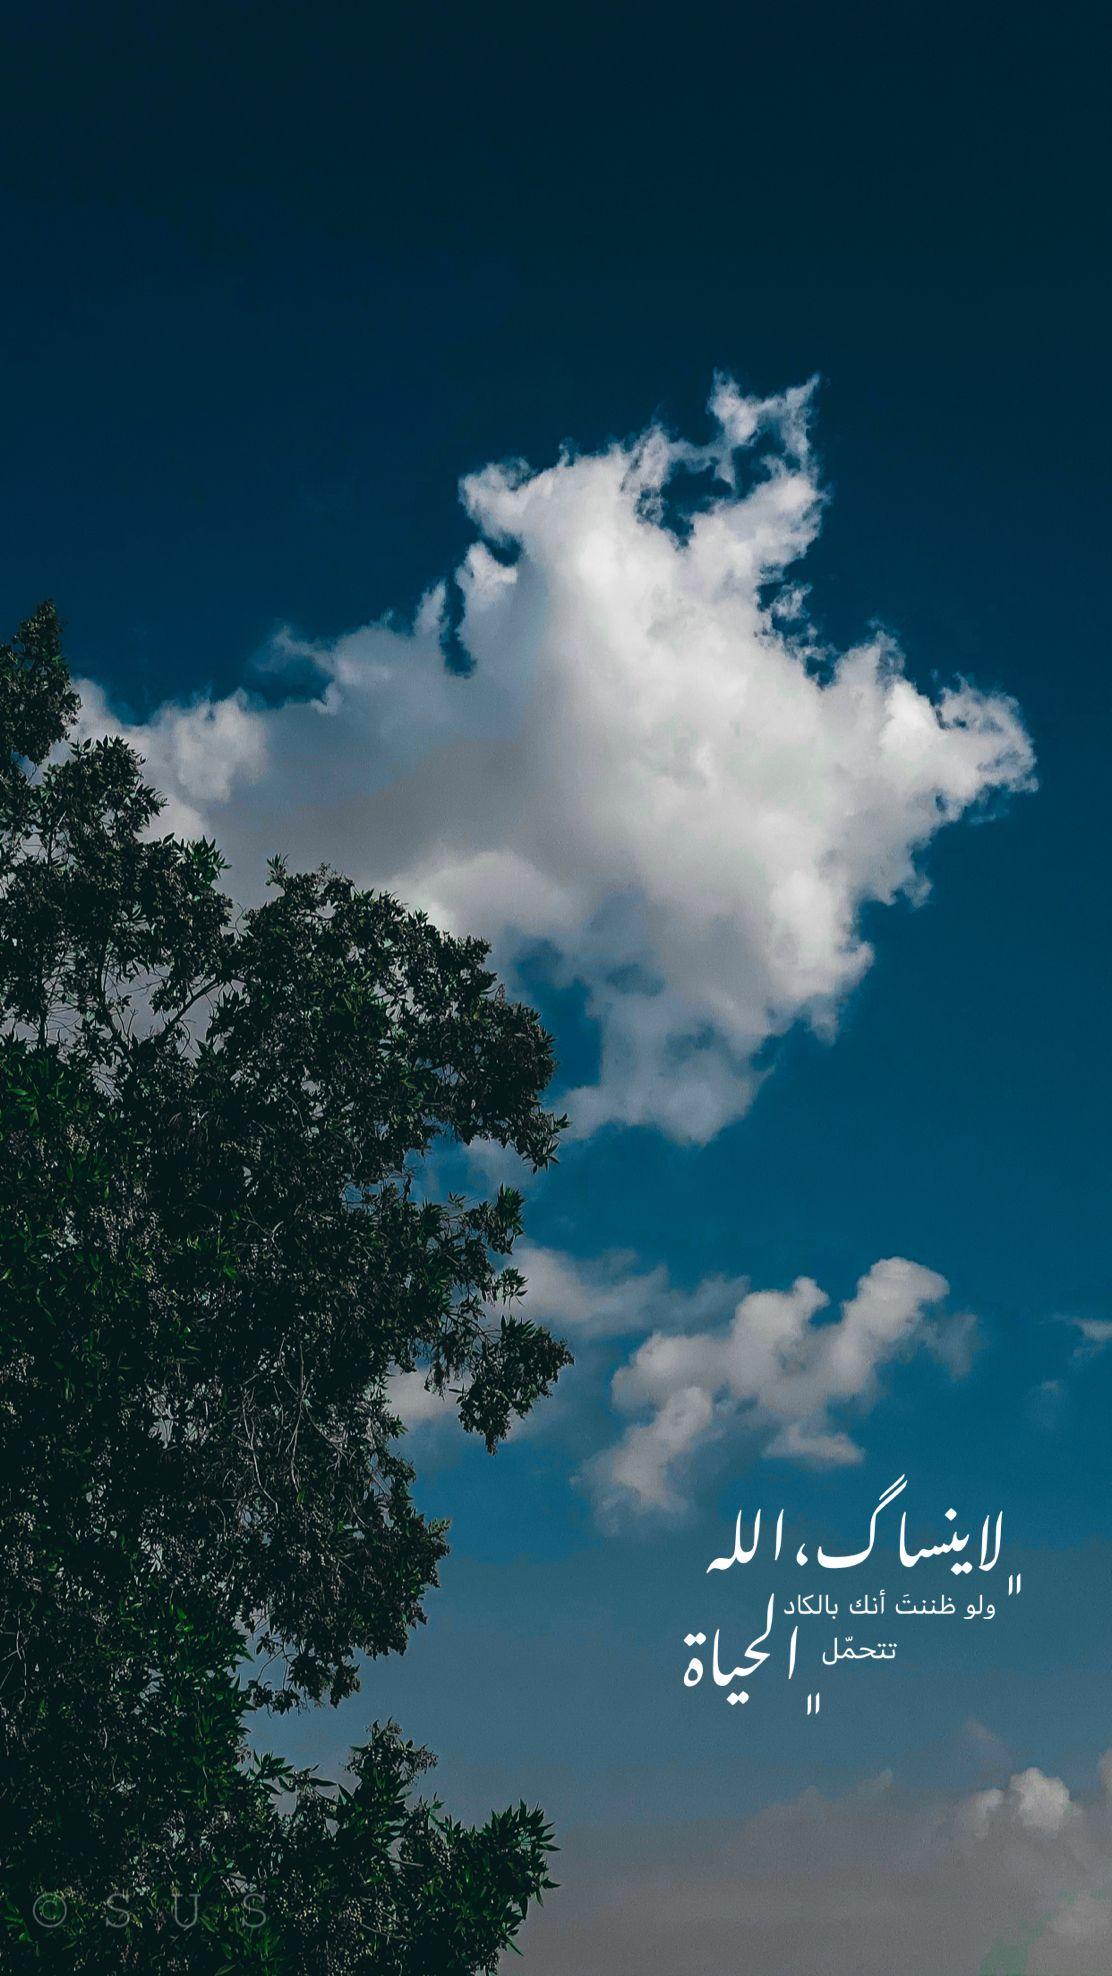 لا ينساك الله Sky Photography Nature Stranger Things Poster Sky Photography